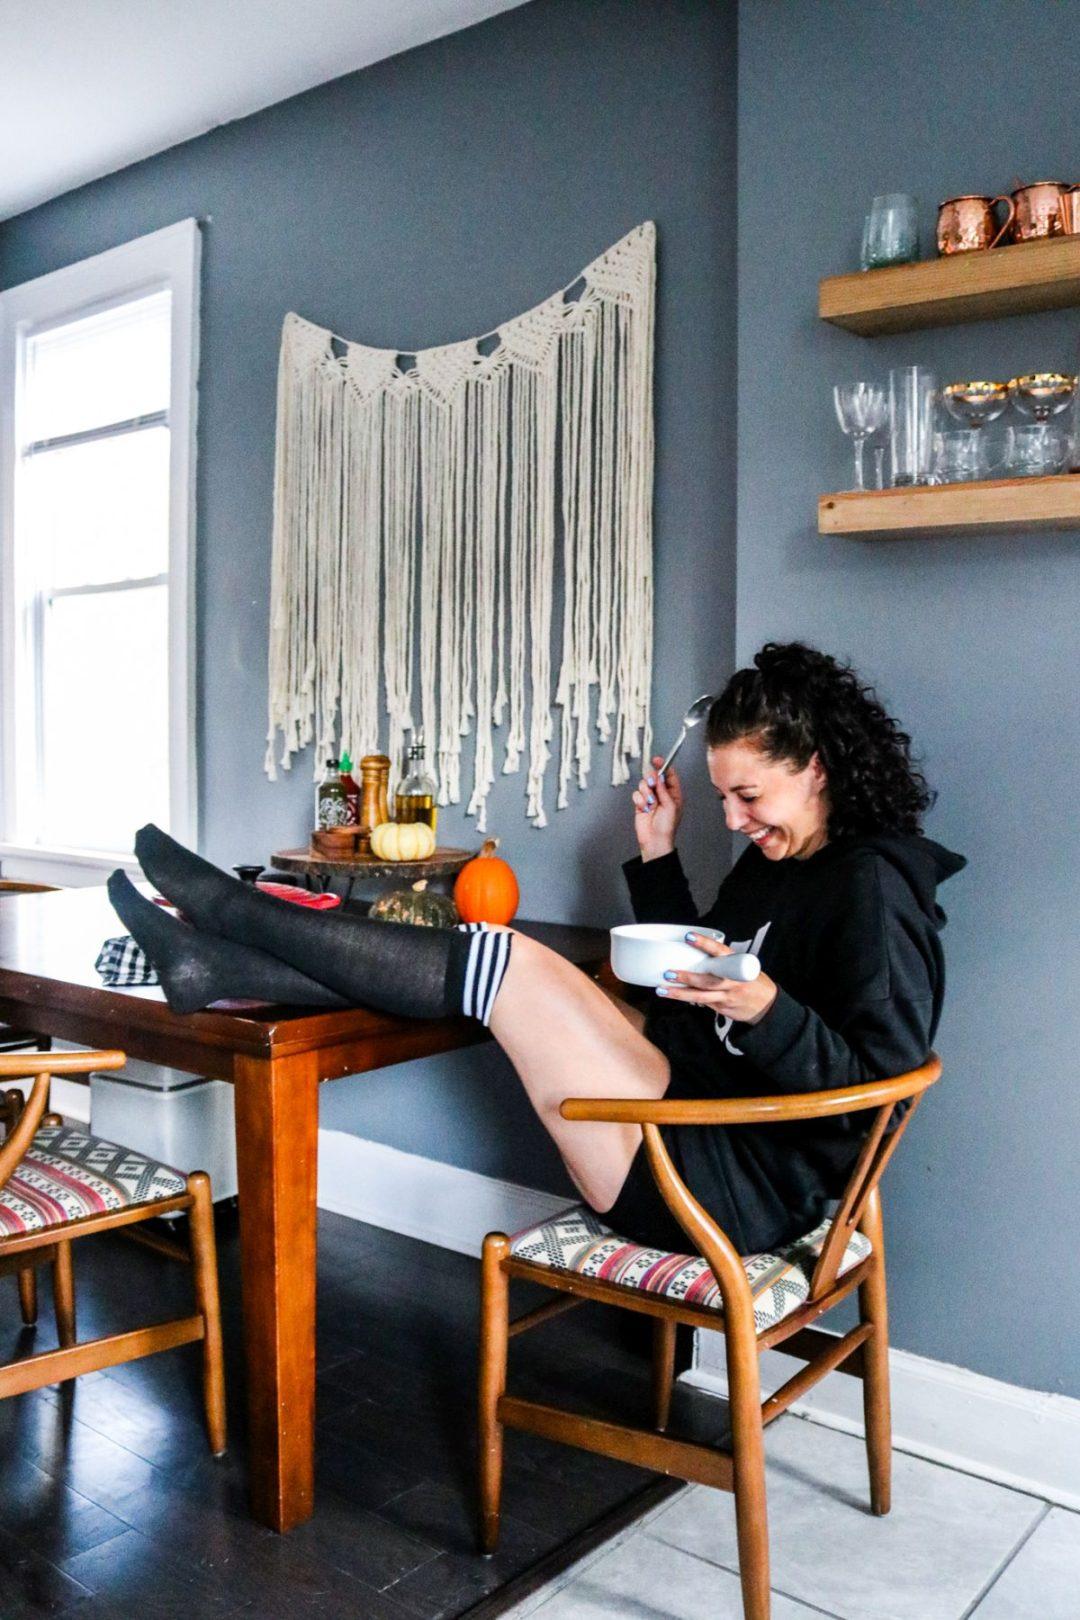 Lauren Nagel of Bon Appeteach eating Keto chili